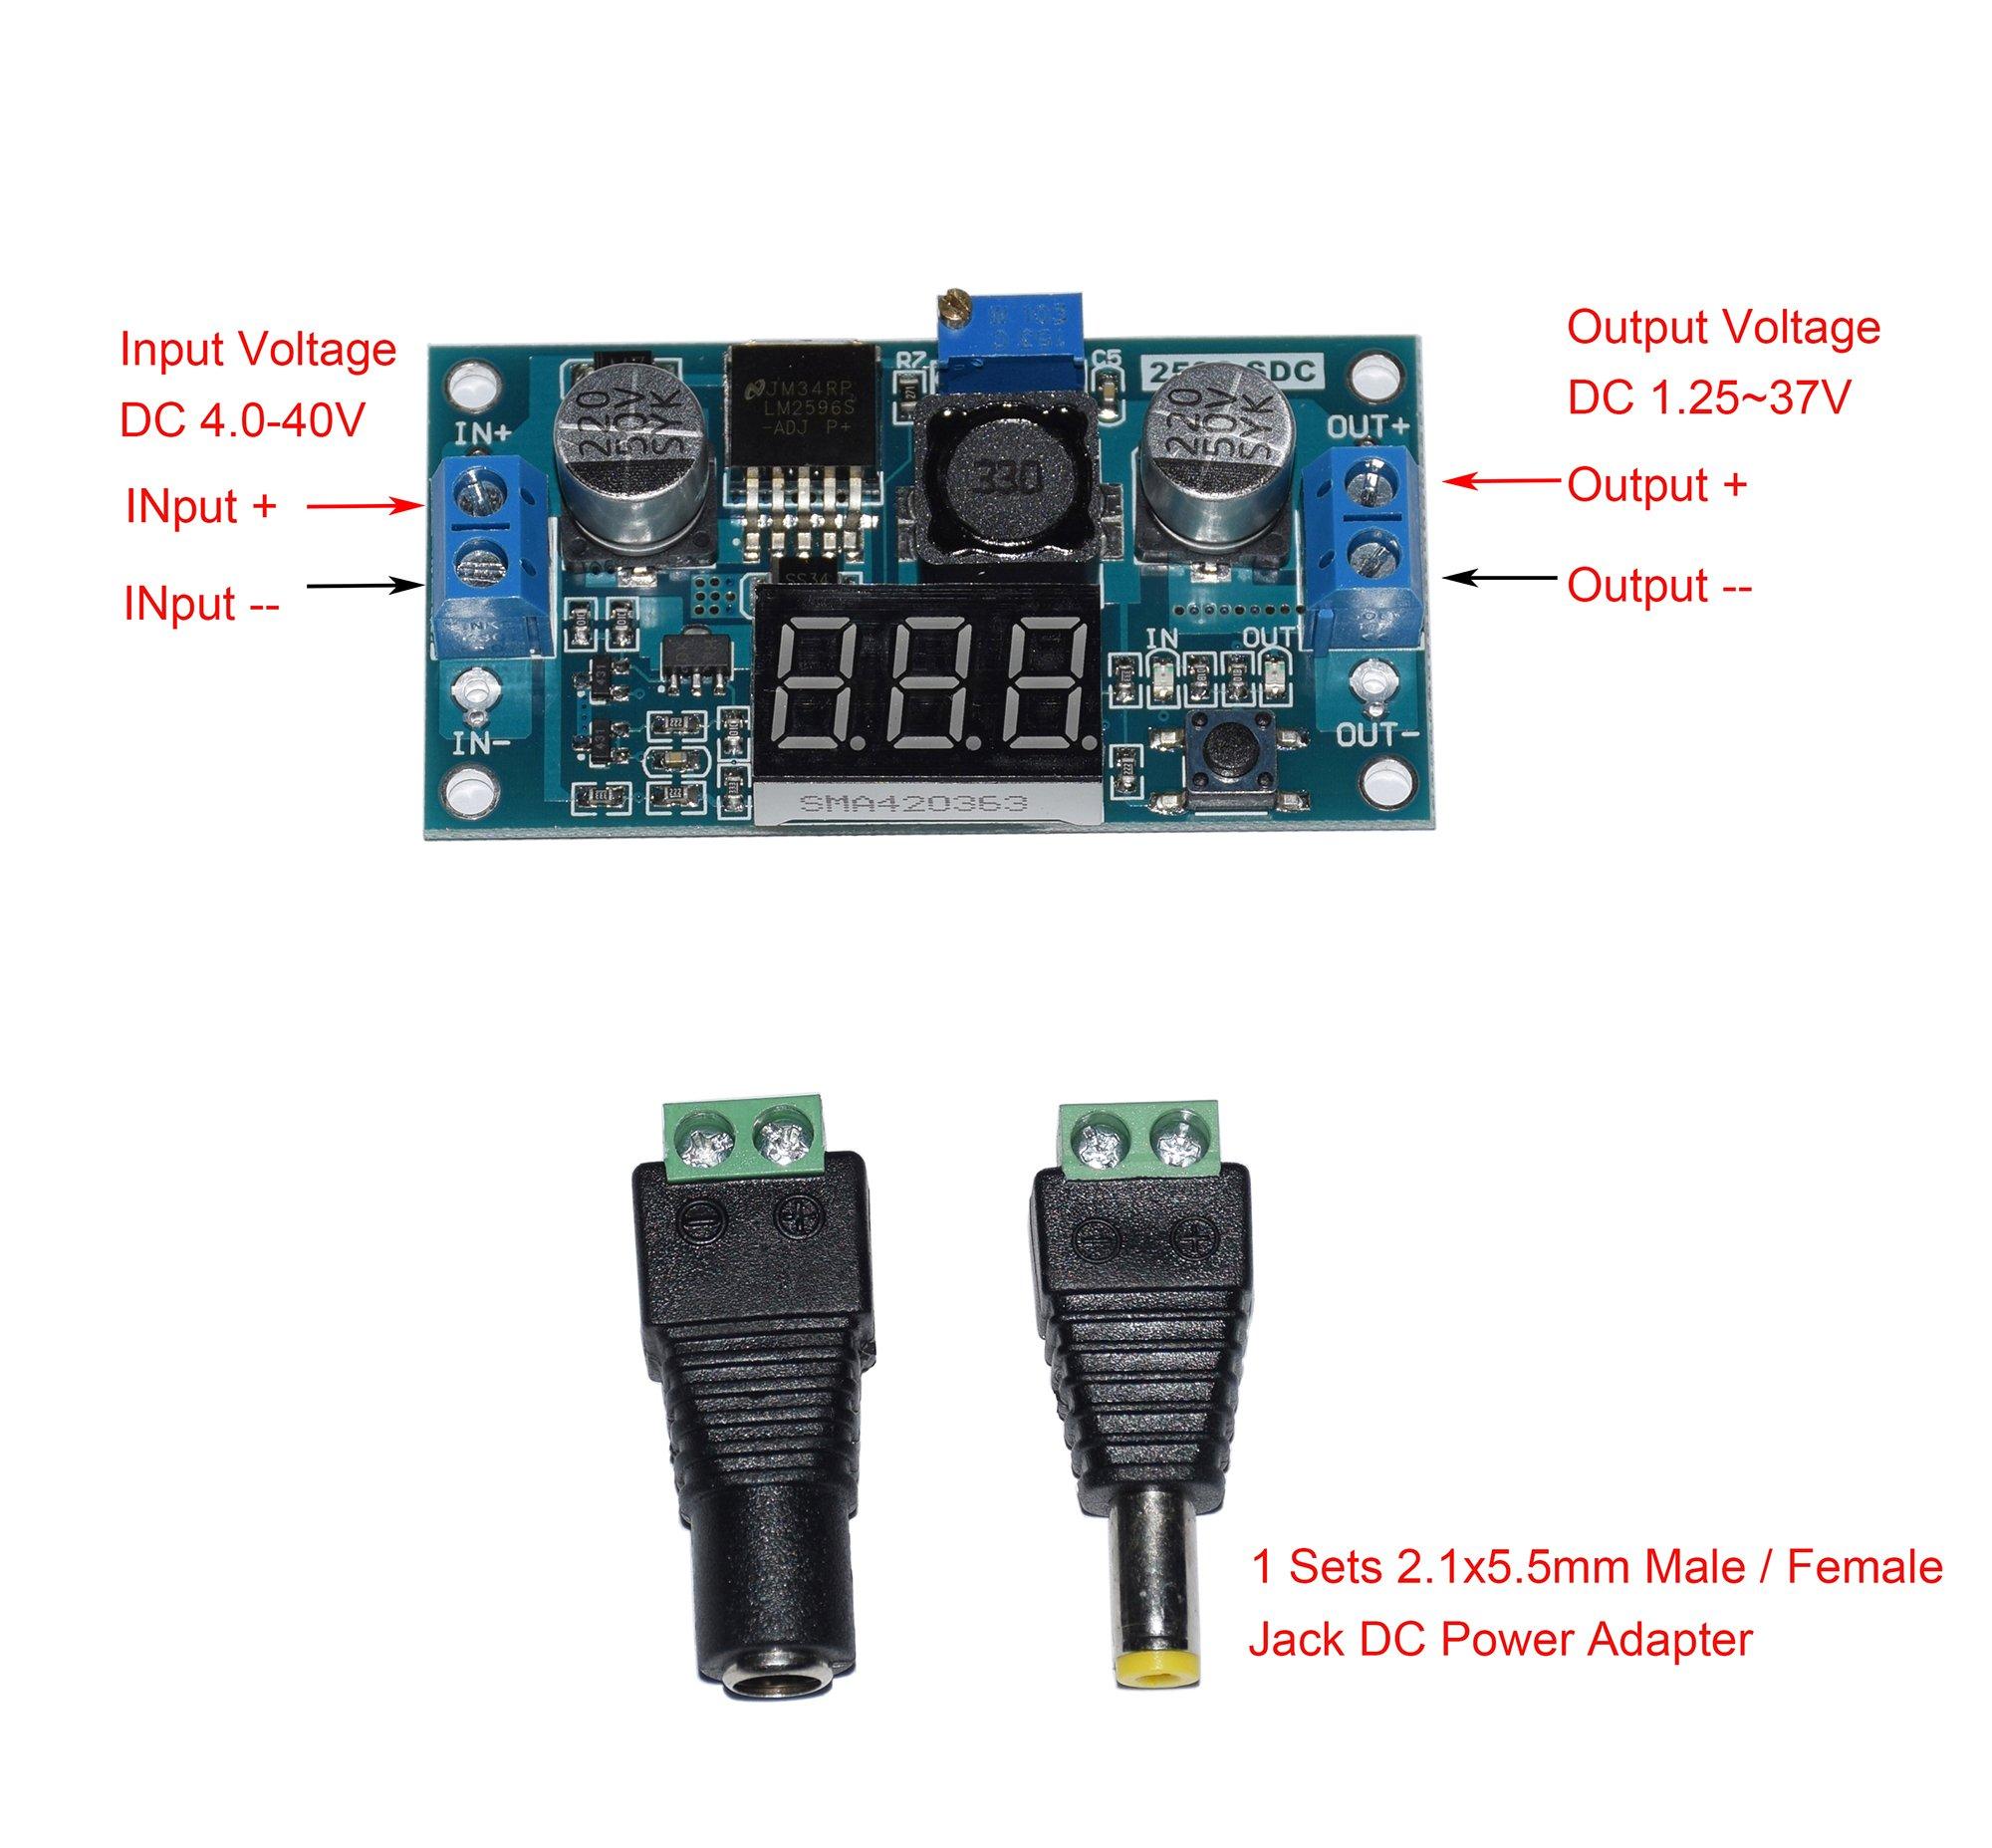 Buy Lm317t New Imported St 12 37v Adjustable Regulator To 220 In Cofufu 40 40v 125 5 12v Dc Lm2596 Voltage Experimental Power Buck Converter Led Voltmeter 1 Sets 21x55mm Male Female